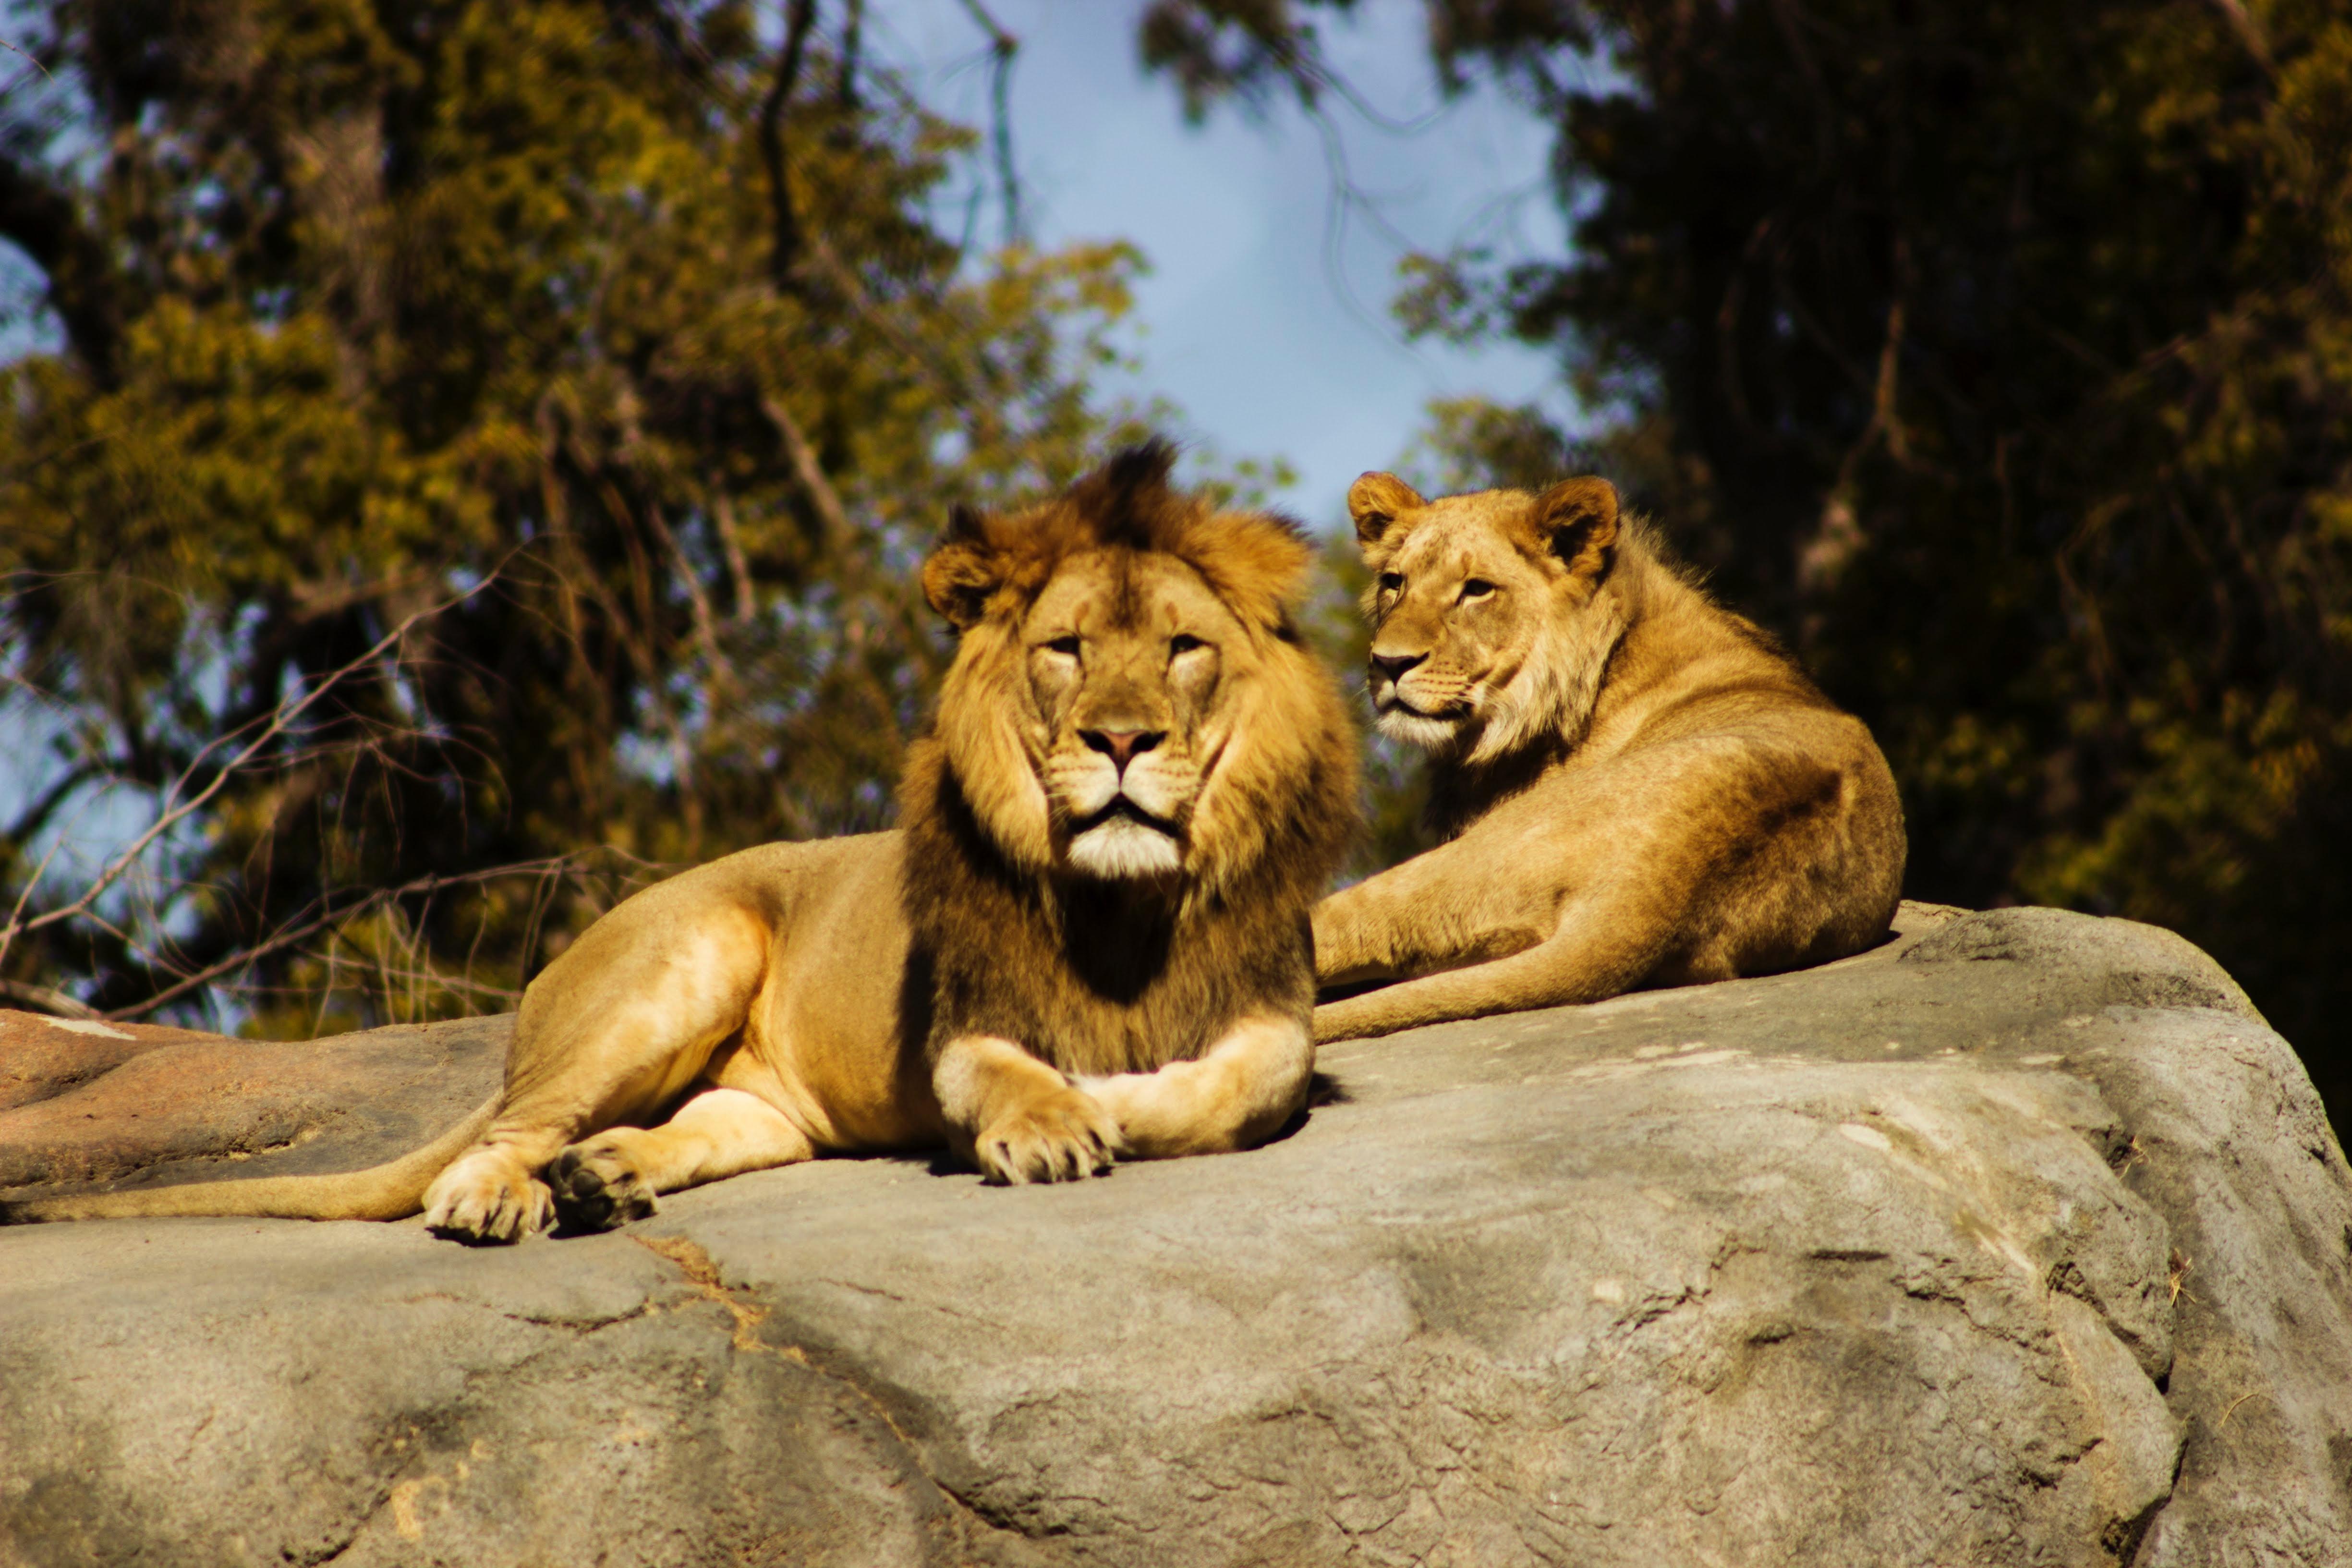 【夢占い】動物園に行く夢は何のサイン?動物園の夢の意味を調査